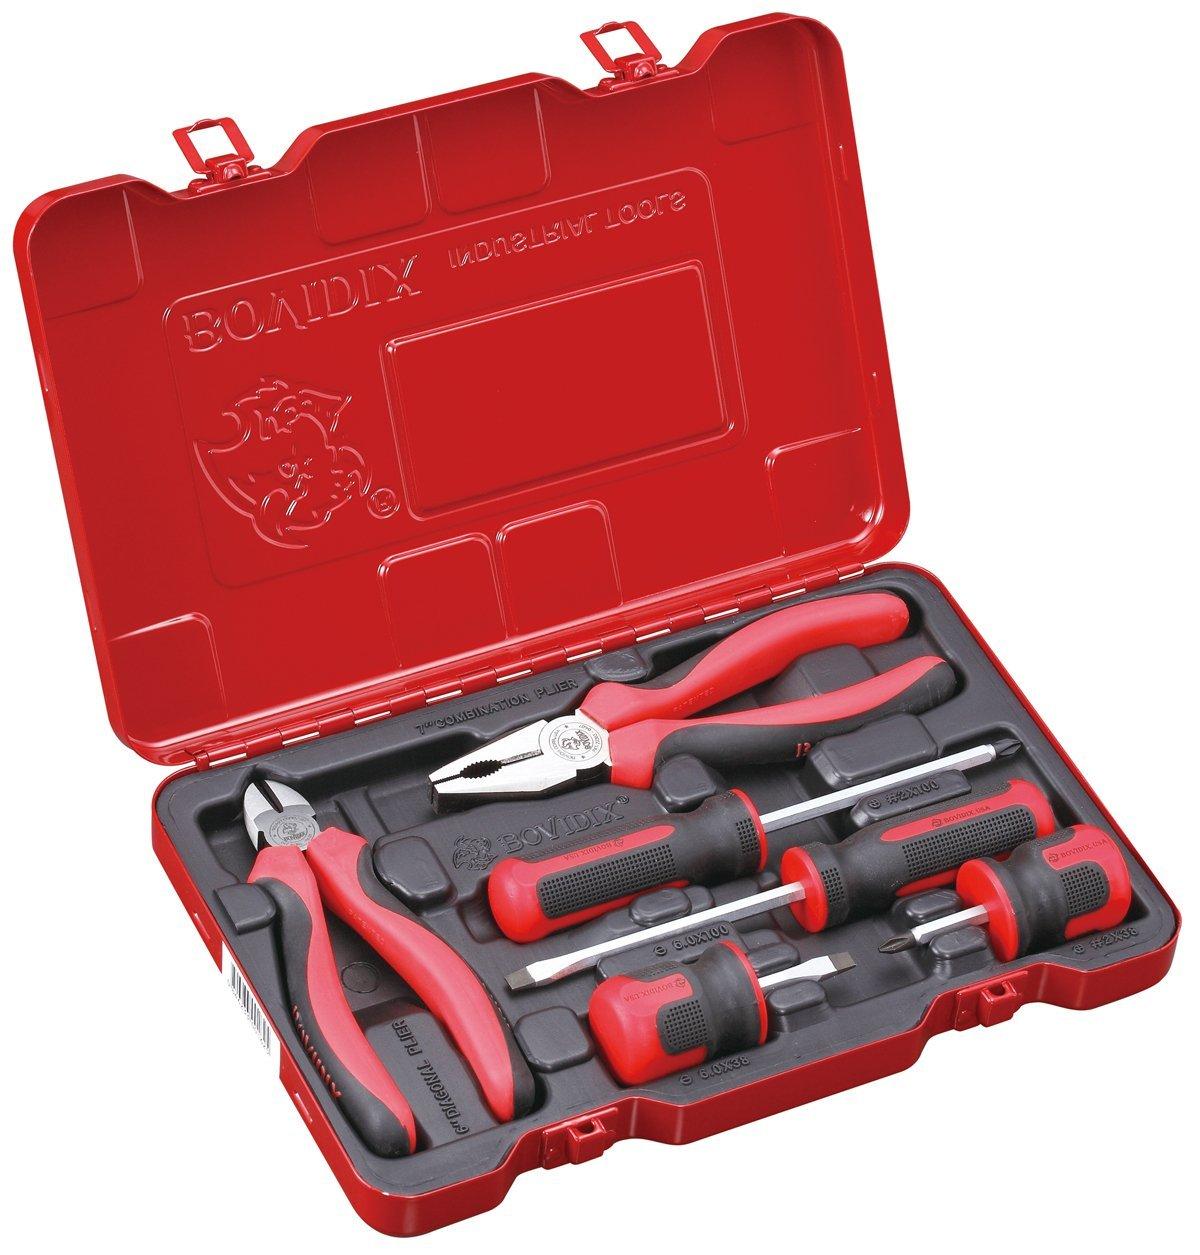 Универсальный набор инструментов Bovidix 288400604 универсальный обойный нож truper nsm 6 16949